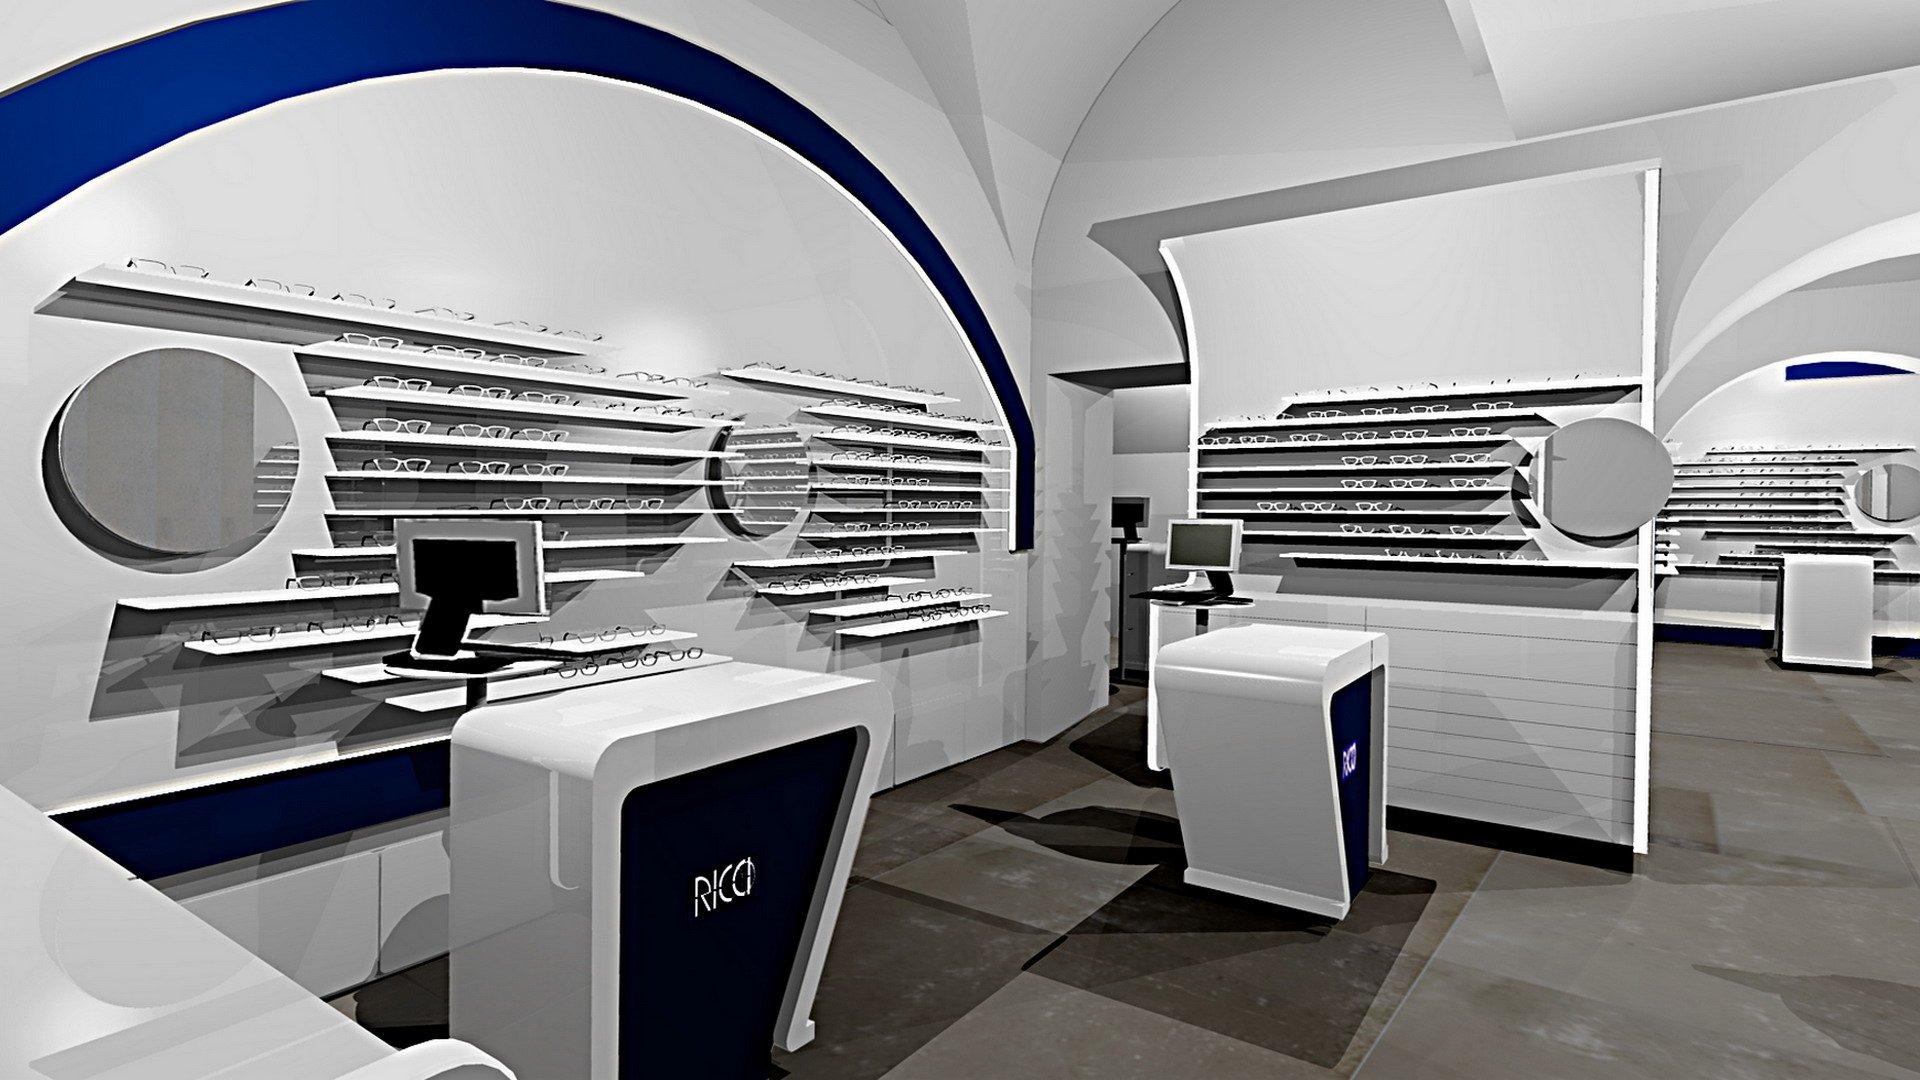 progettazione-arredamento-su-misura-negozio-ottica-ricci-siena-si